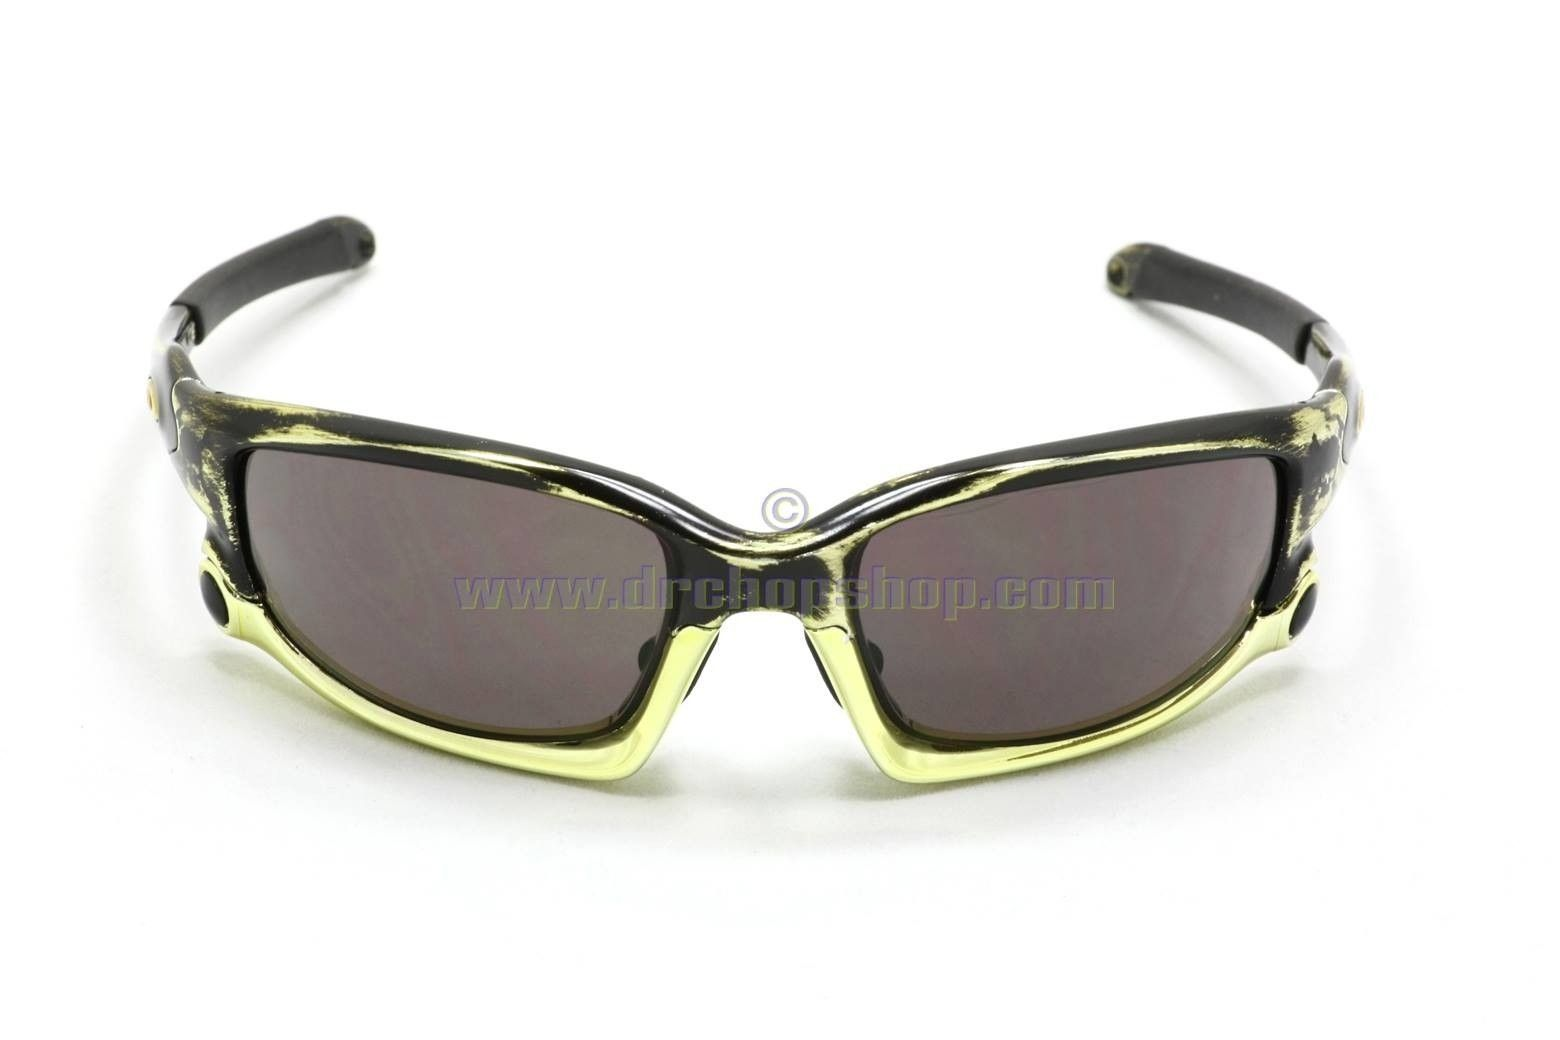 24k Gold, Blue Chrome RJ, New Zero S Custom, & More! - 1149124_660747327270290_1460109712_o.jpg